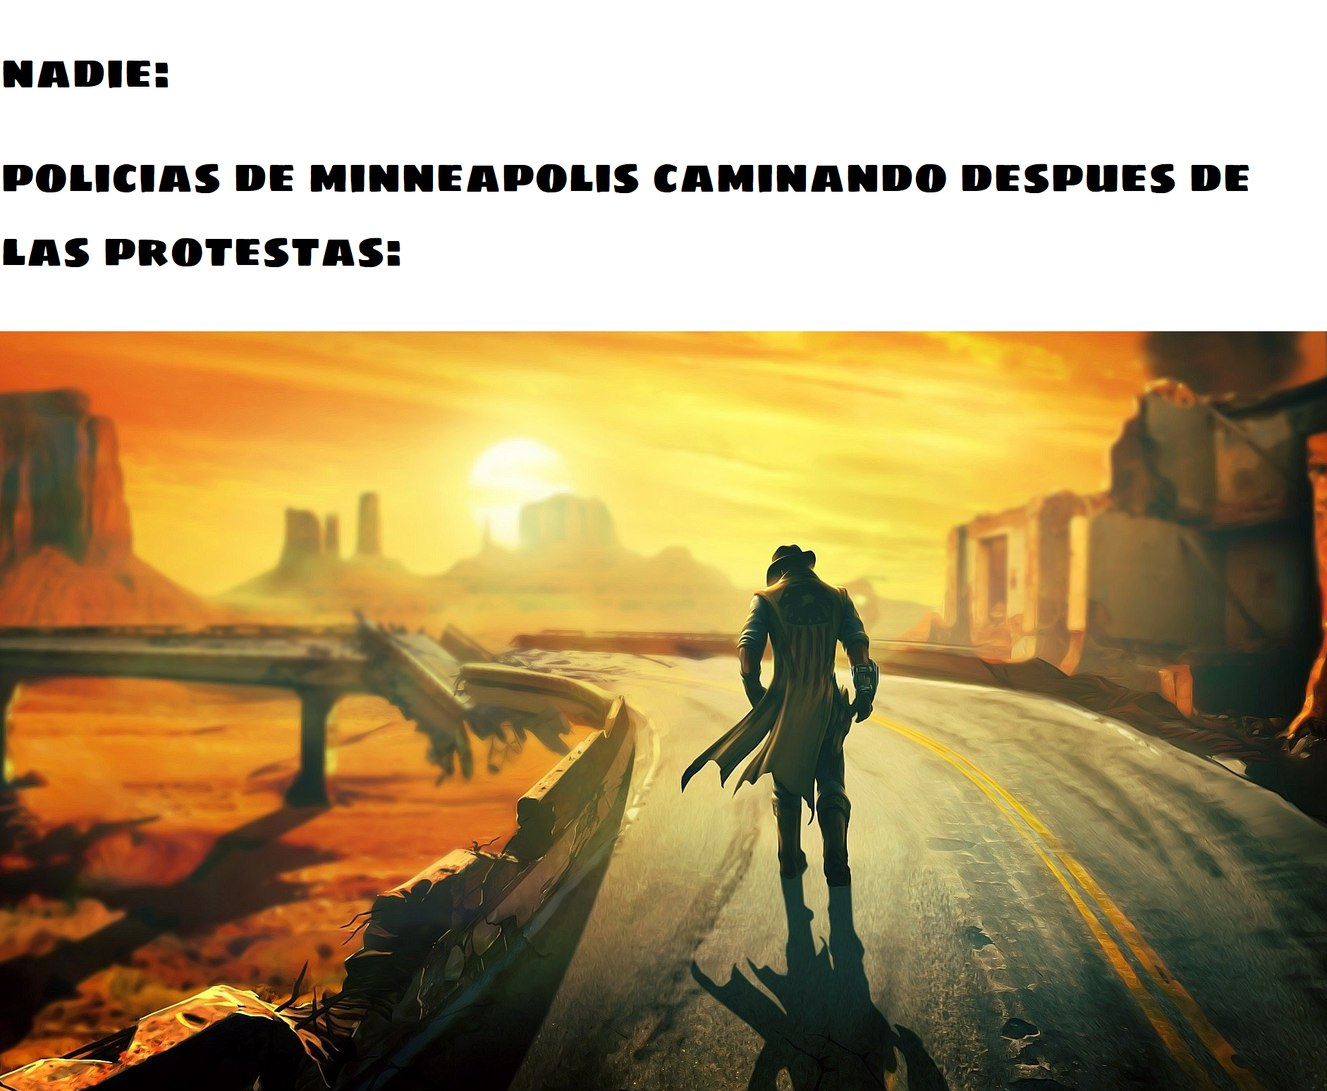 el uliseas Xd - meme